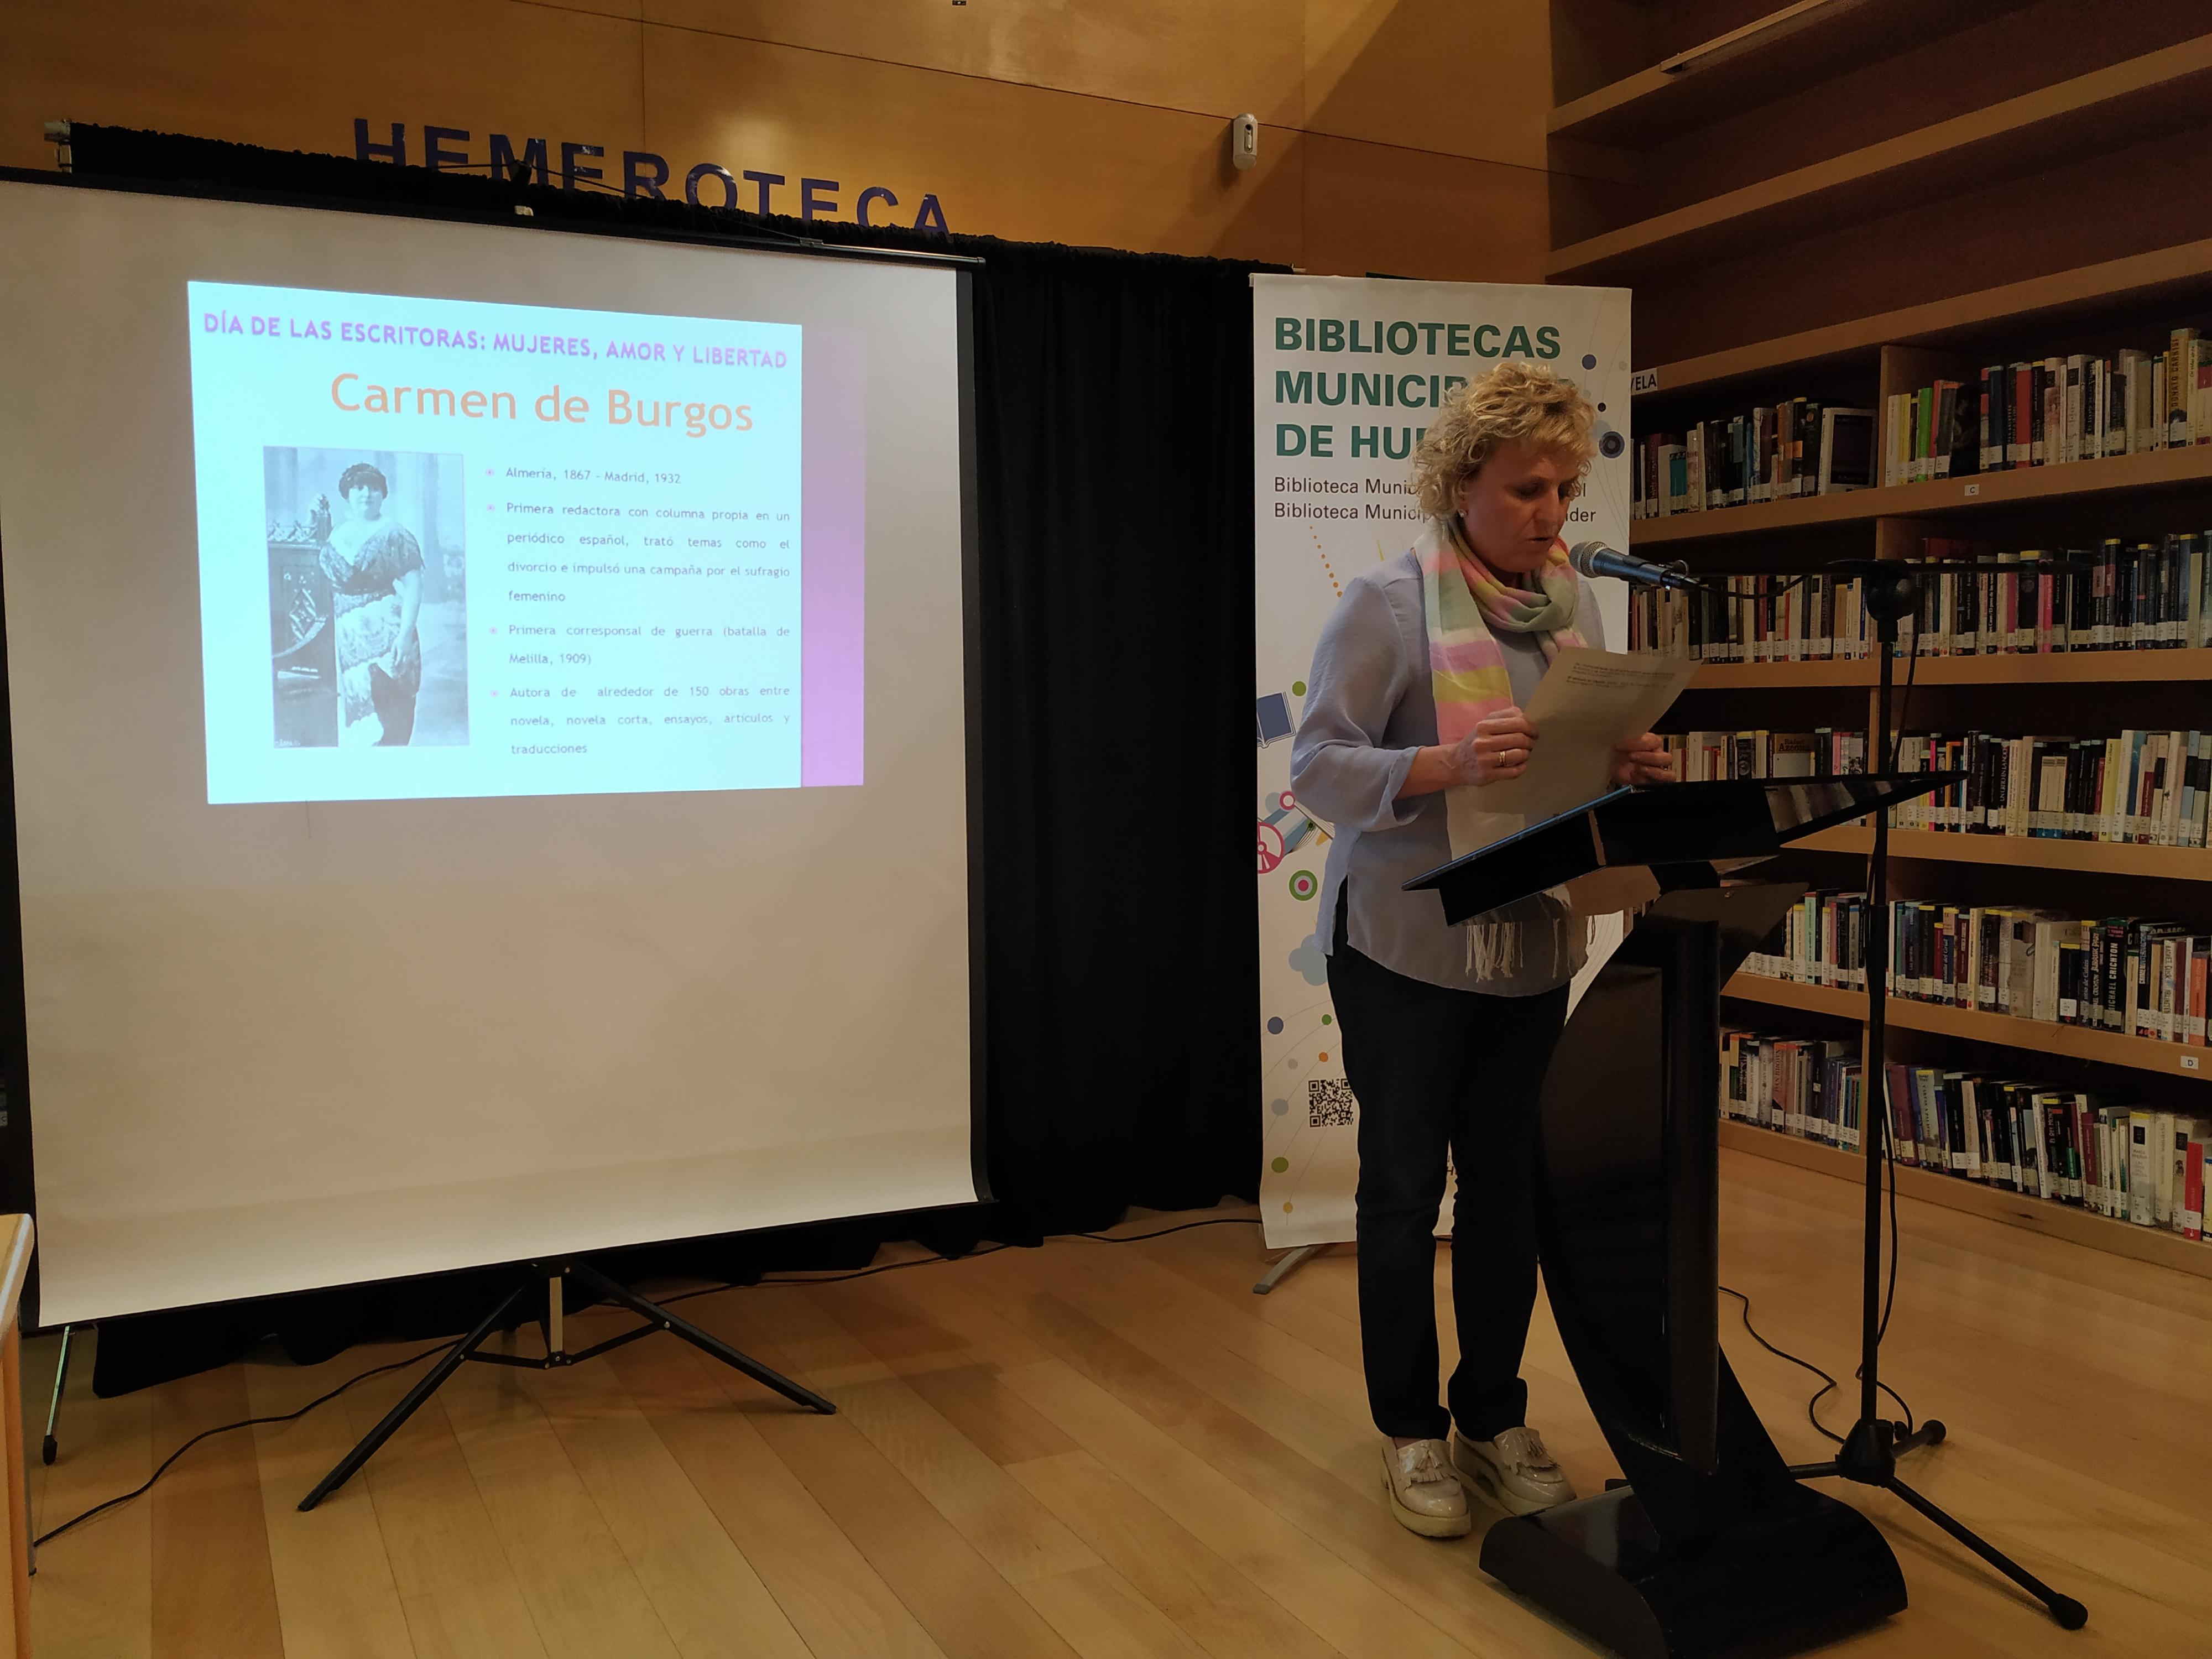 2019 Biblioteca Municipal Ramón J. Sender (Huesca)